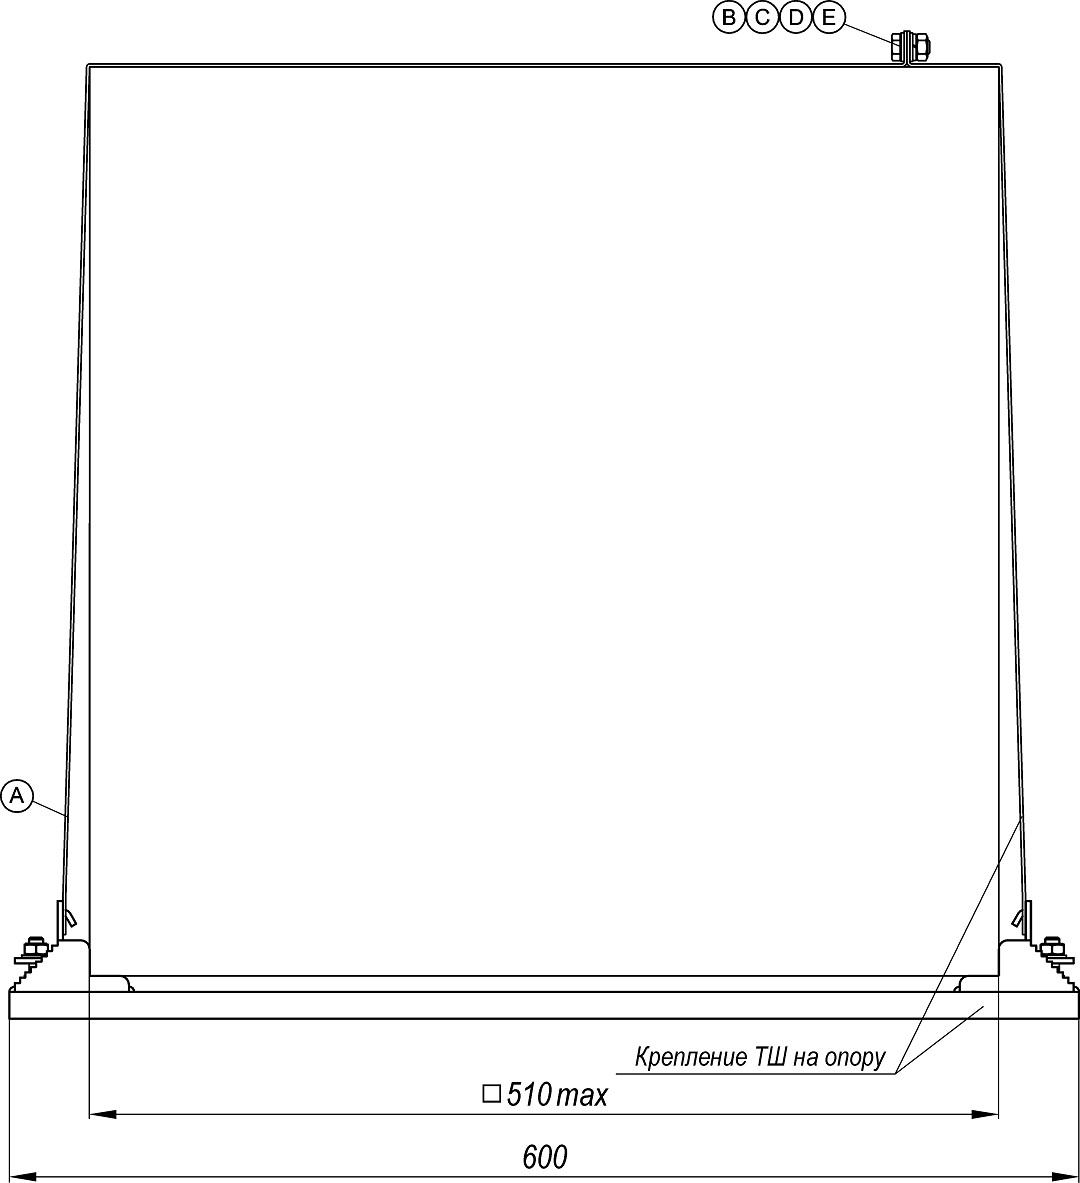 Монтаж удлинителя для крепления термошкафов ТШ на квадратные опоры